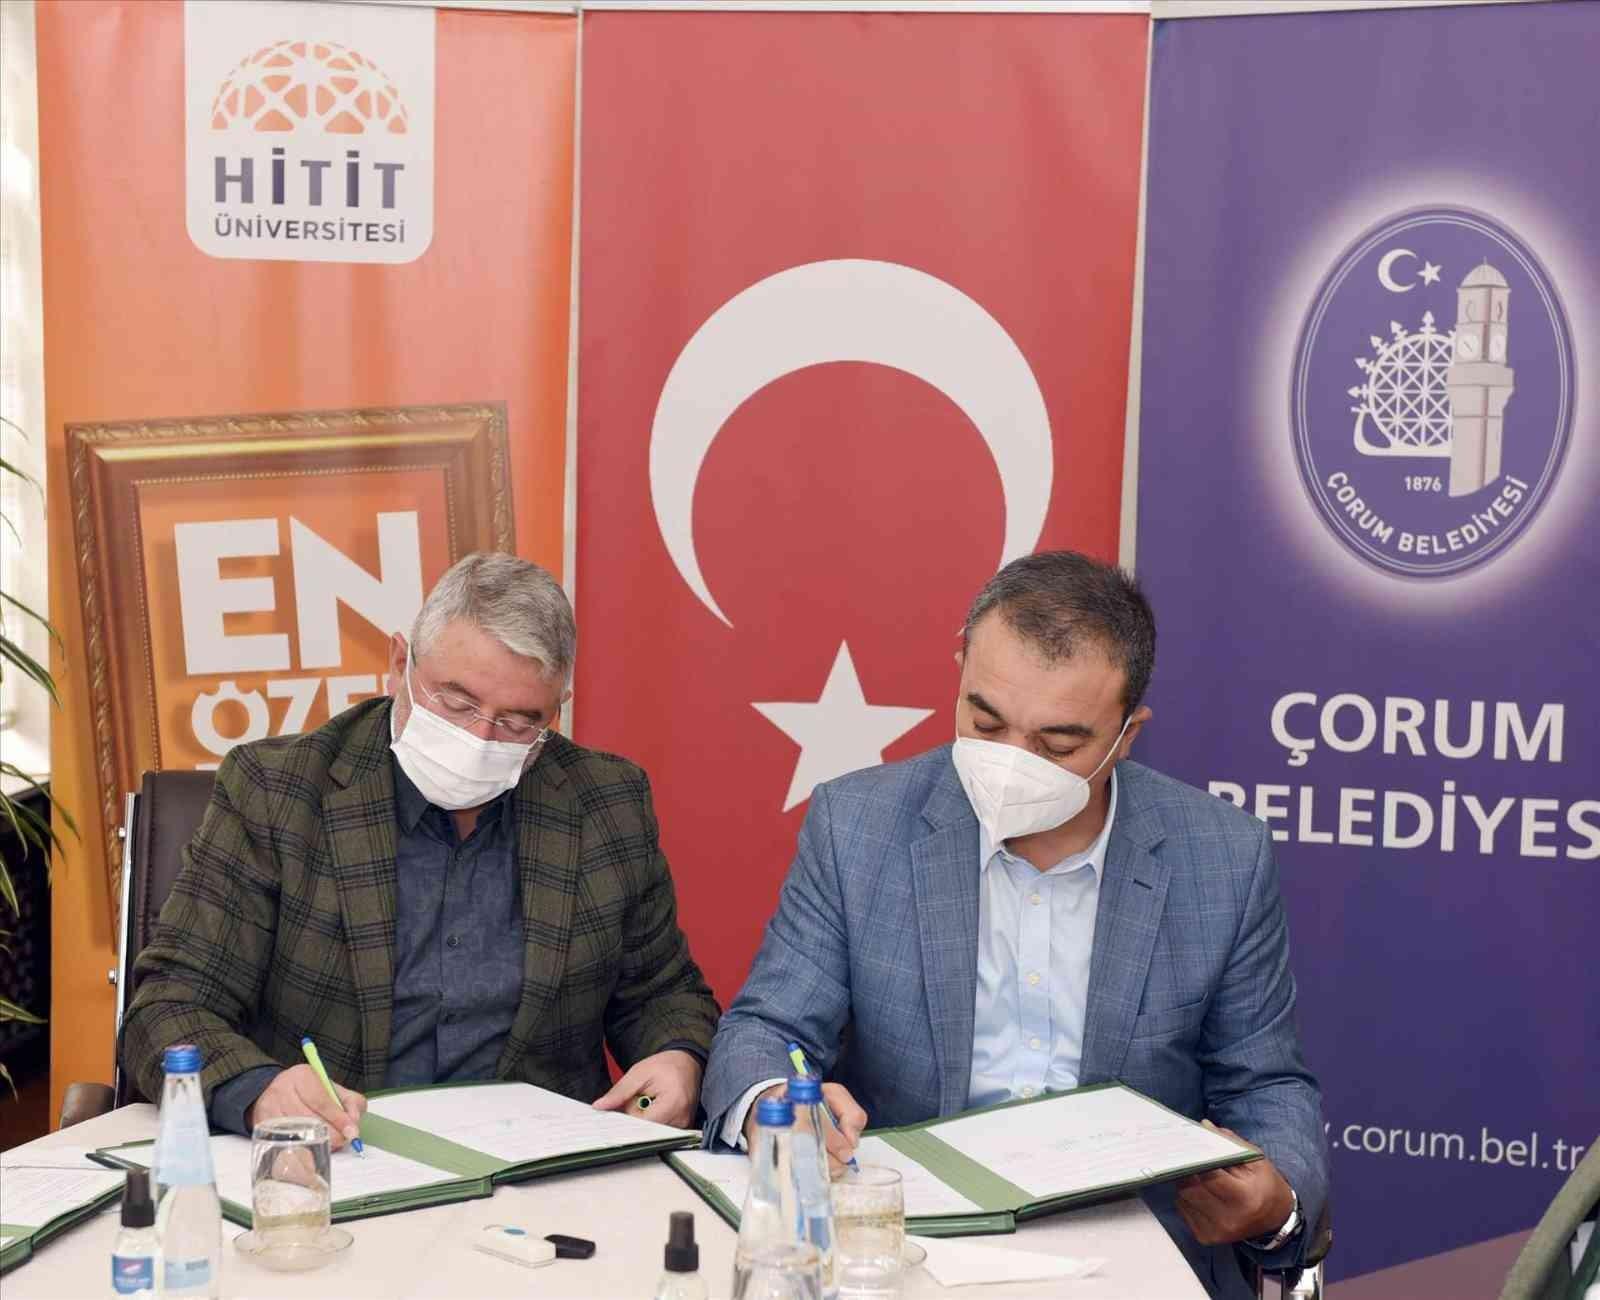 Çorum'a değer katacak 3 proje için imzalar atıldı #corum